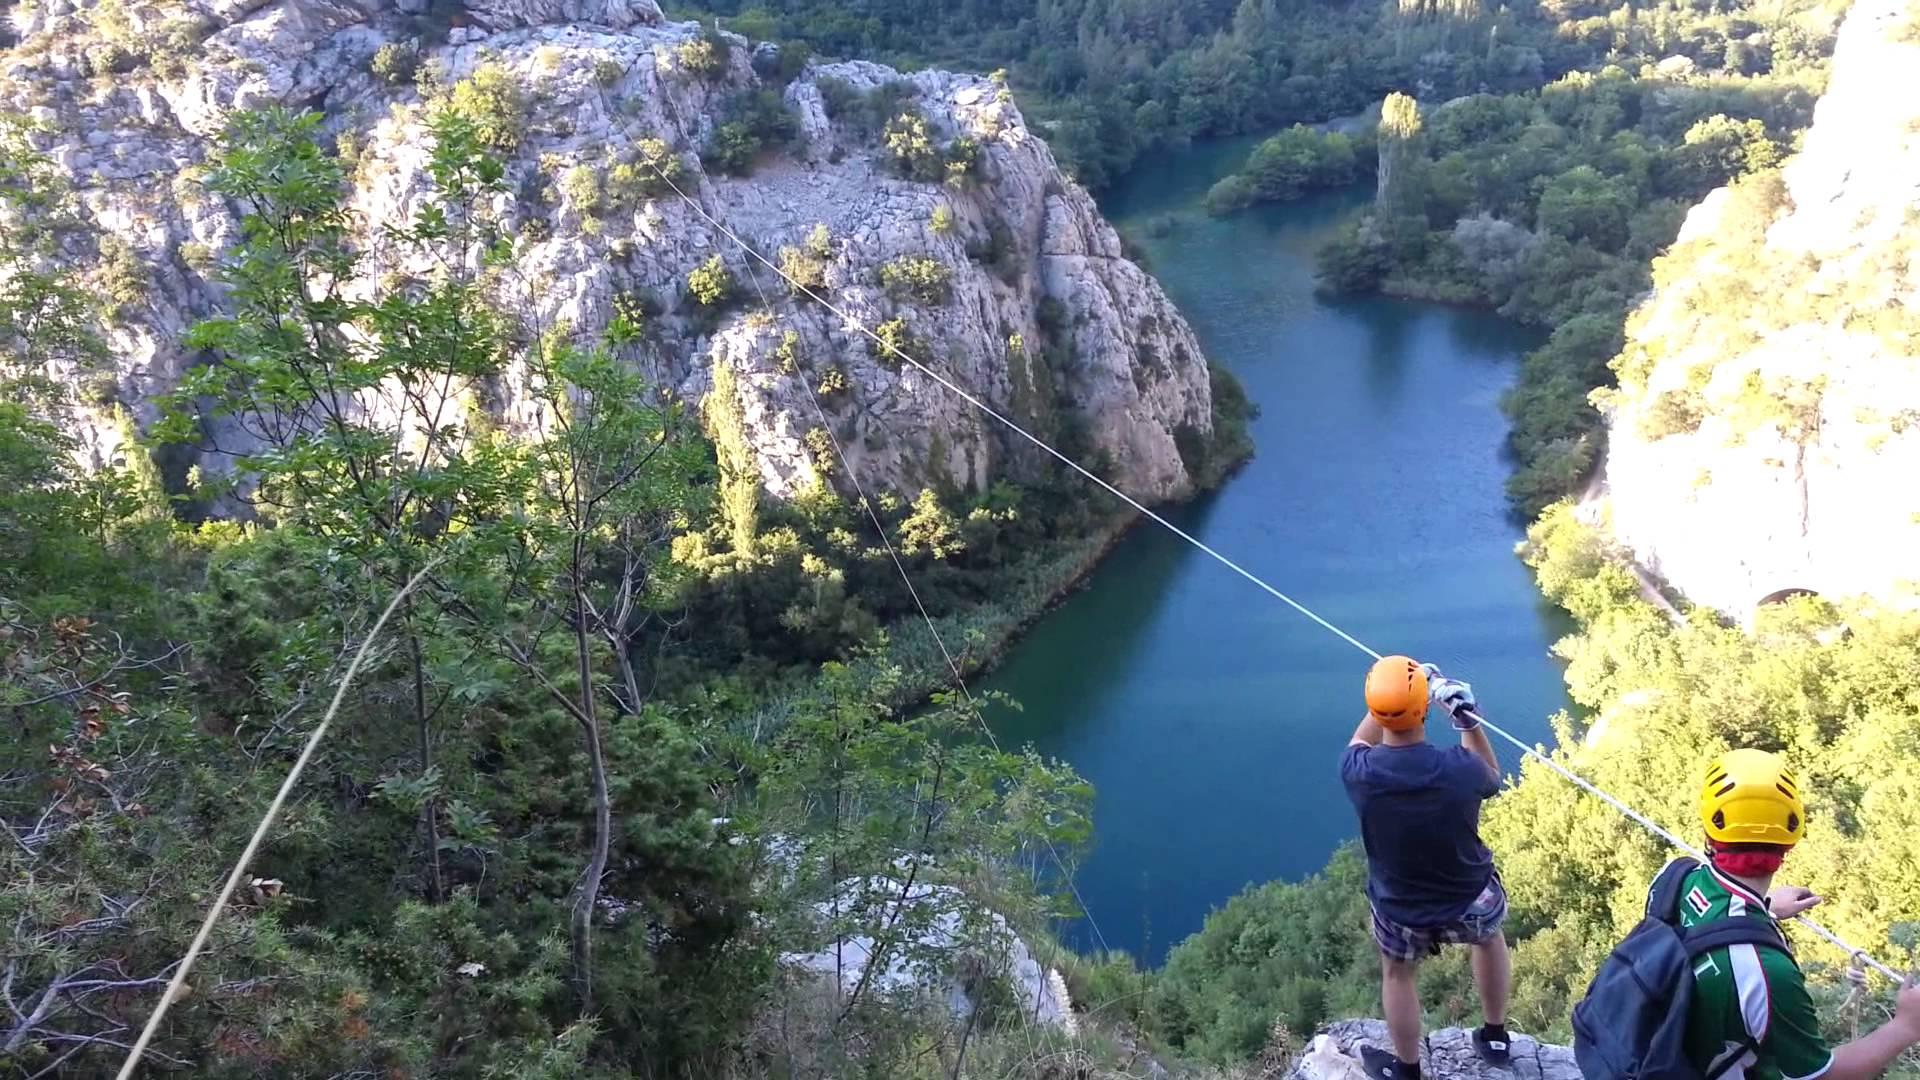 U Hrvatskoj najduži zip-line u Europi: Može se dostići brzina od 100 km/h Nalazi se u Lici, samo 30 kilometara od Plitvičkih jezera i vrijedan je oko dva milijuna kuna. To je i prvi zip-line kod nas niz koji se spušta u ležećem položaju